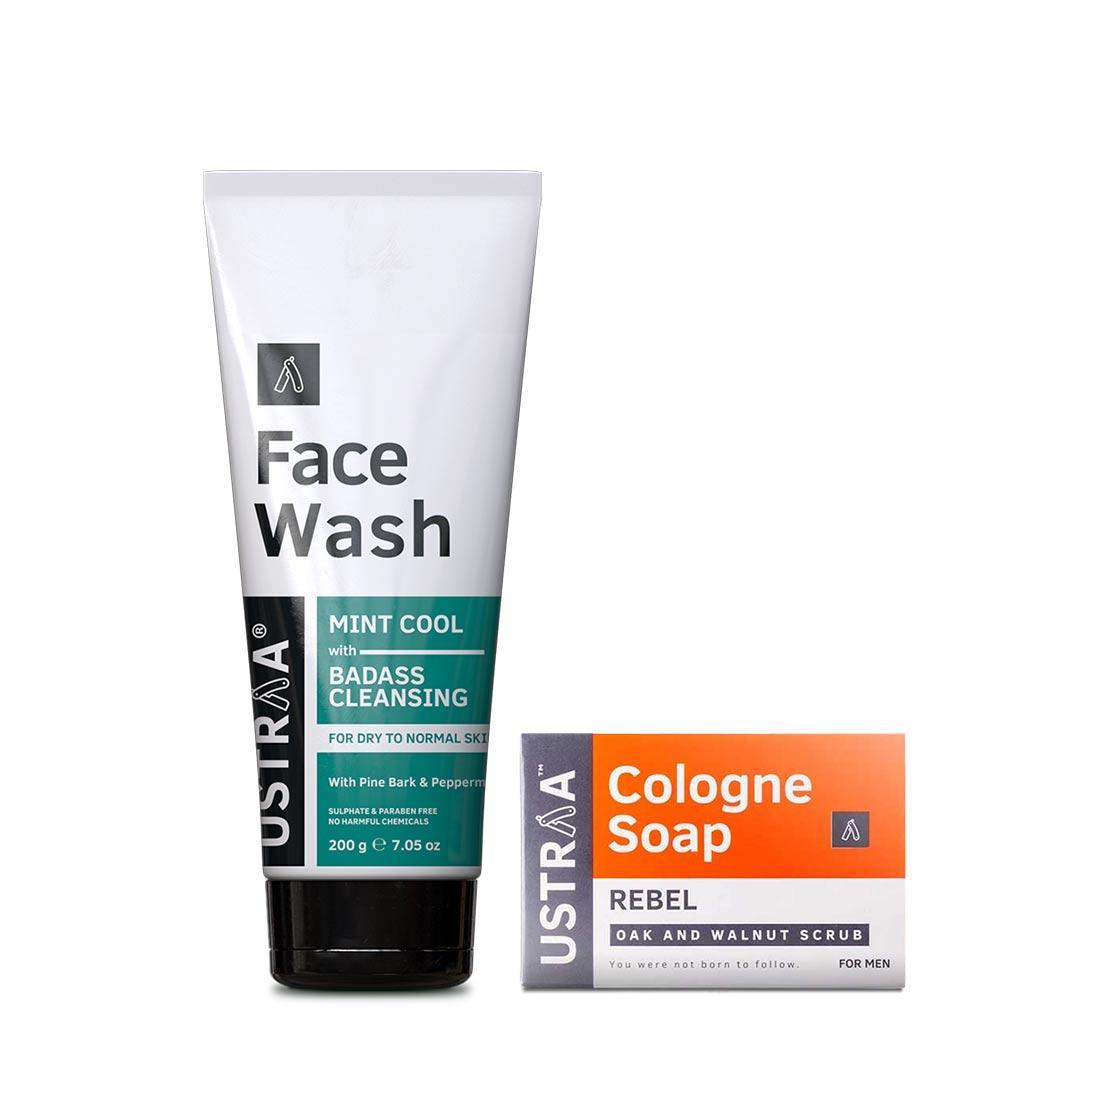 Face Wash - Dry Skin & Cologne Soap - Rebel